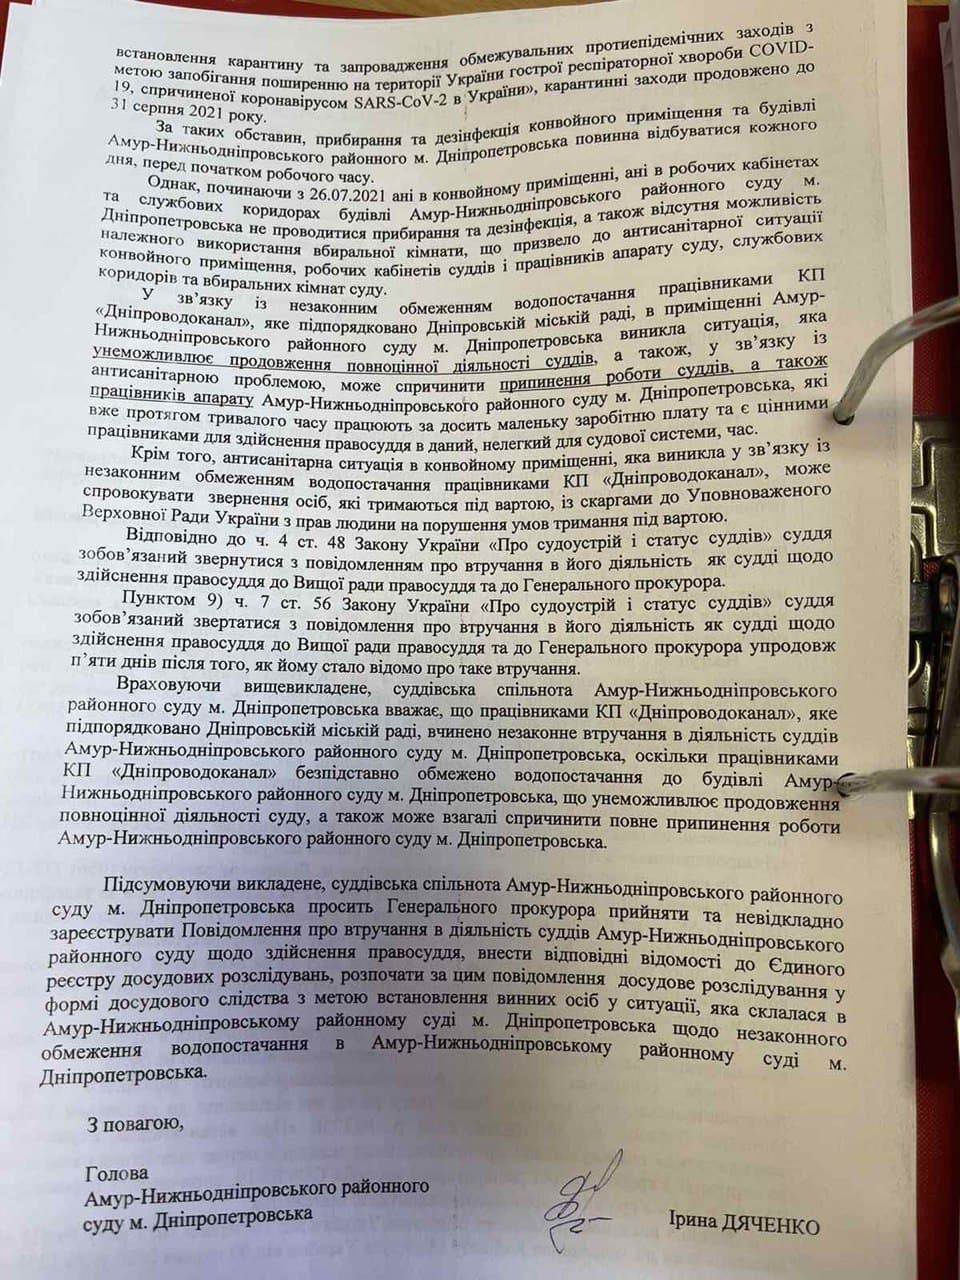 Зеленского просят о помощи работники суда в Днепре, в котором отключили воду по указанию Филатова - фото 4